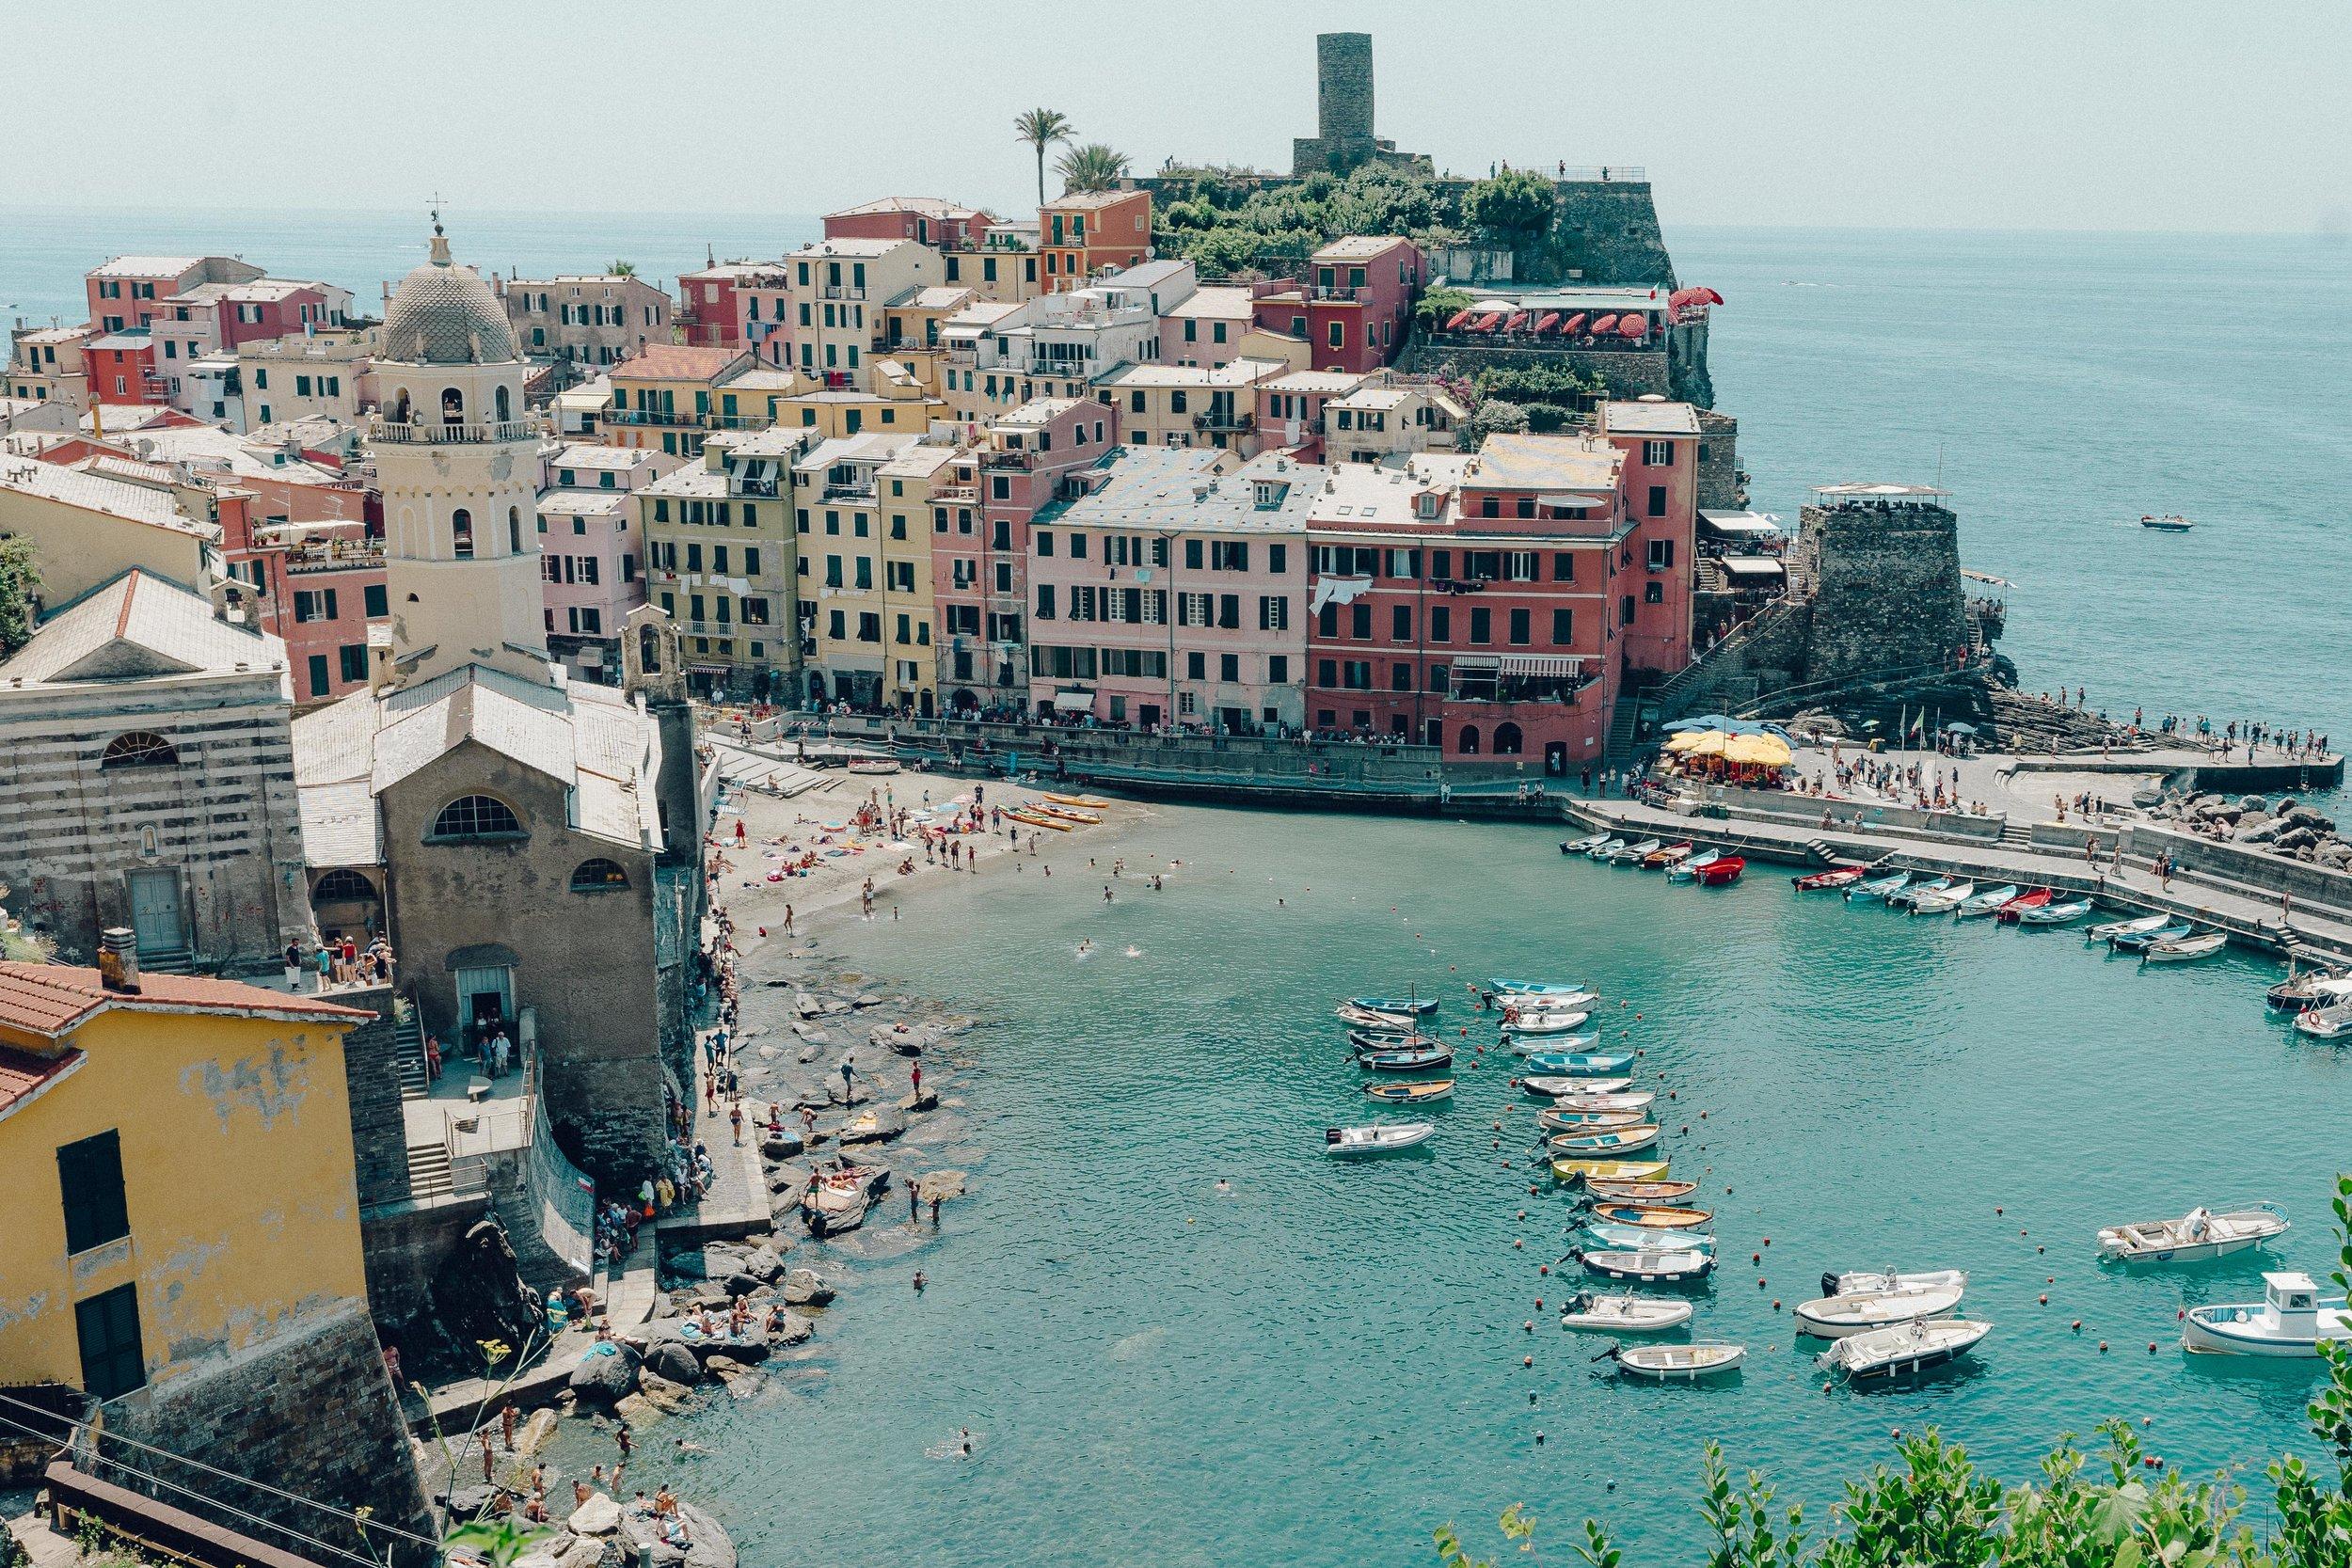 ASROSENVINGE_Roadtrip_Italy_Cinque_Terre-08001.jpg